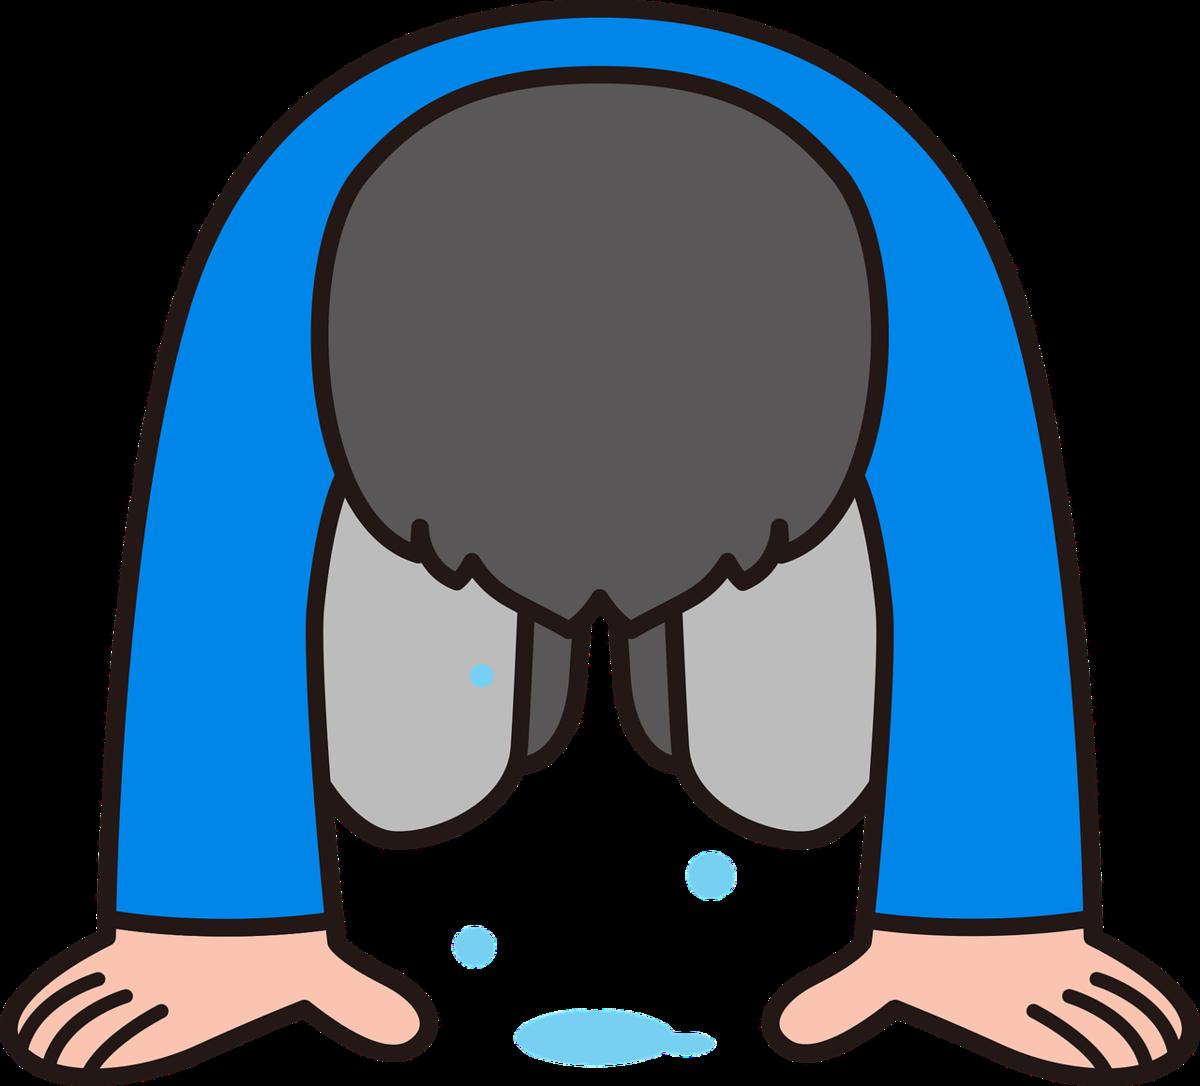 f:id:le-mask:20210620211256p:plain